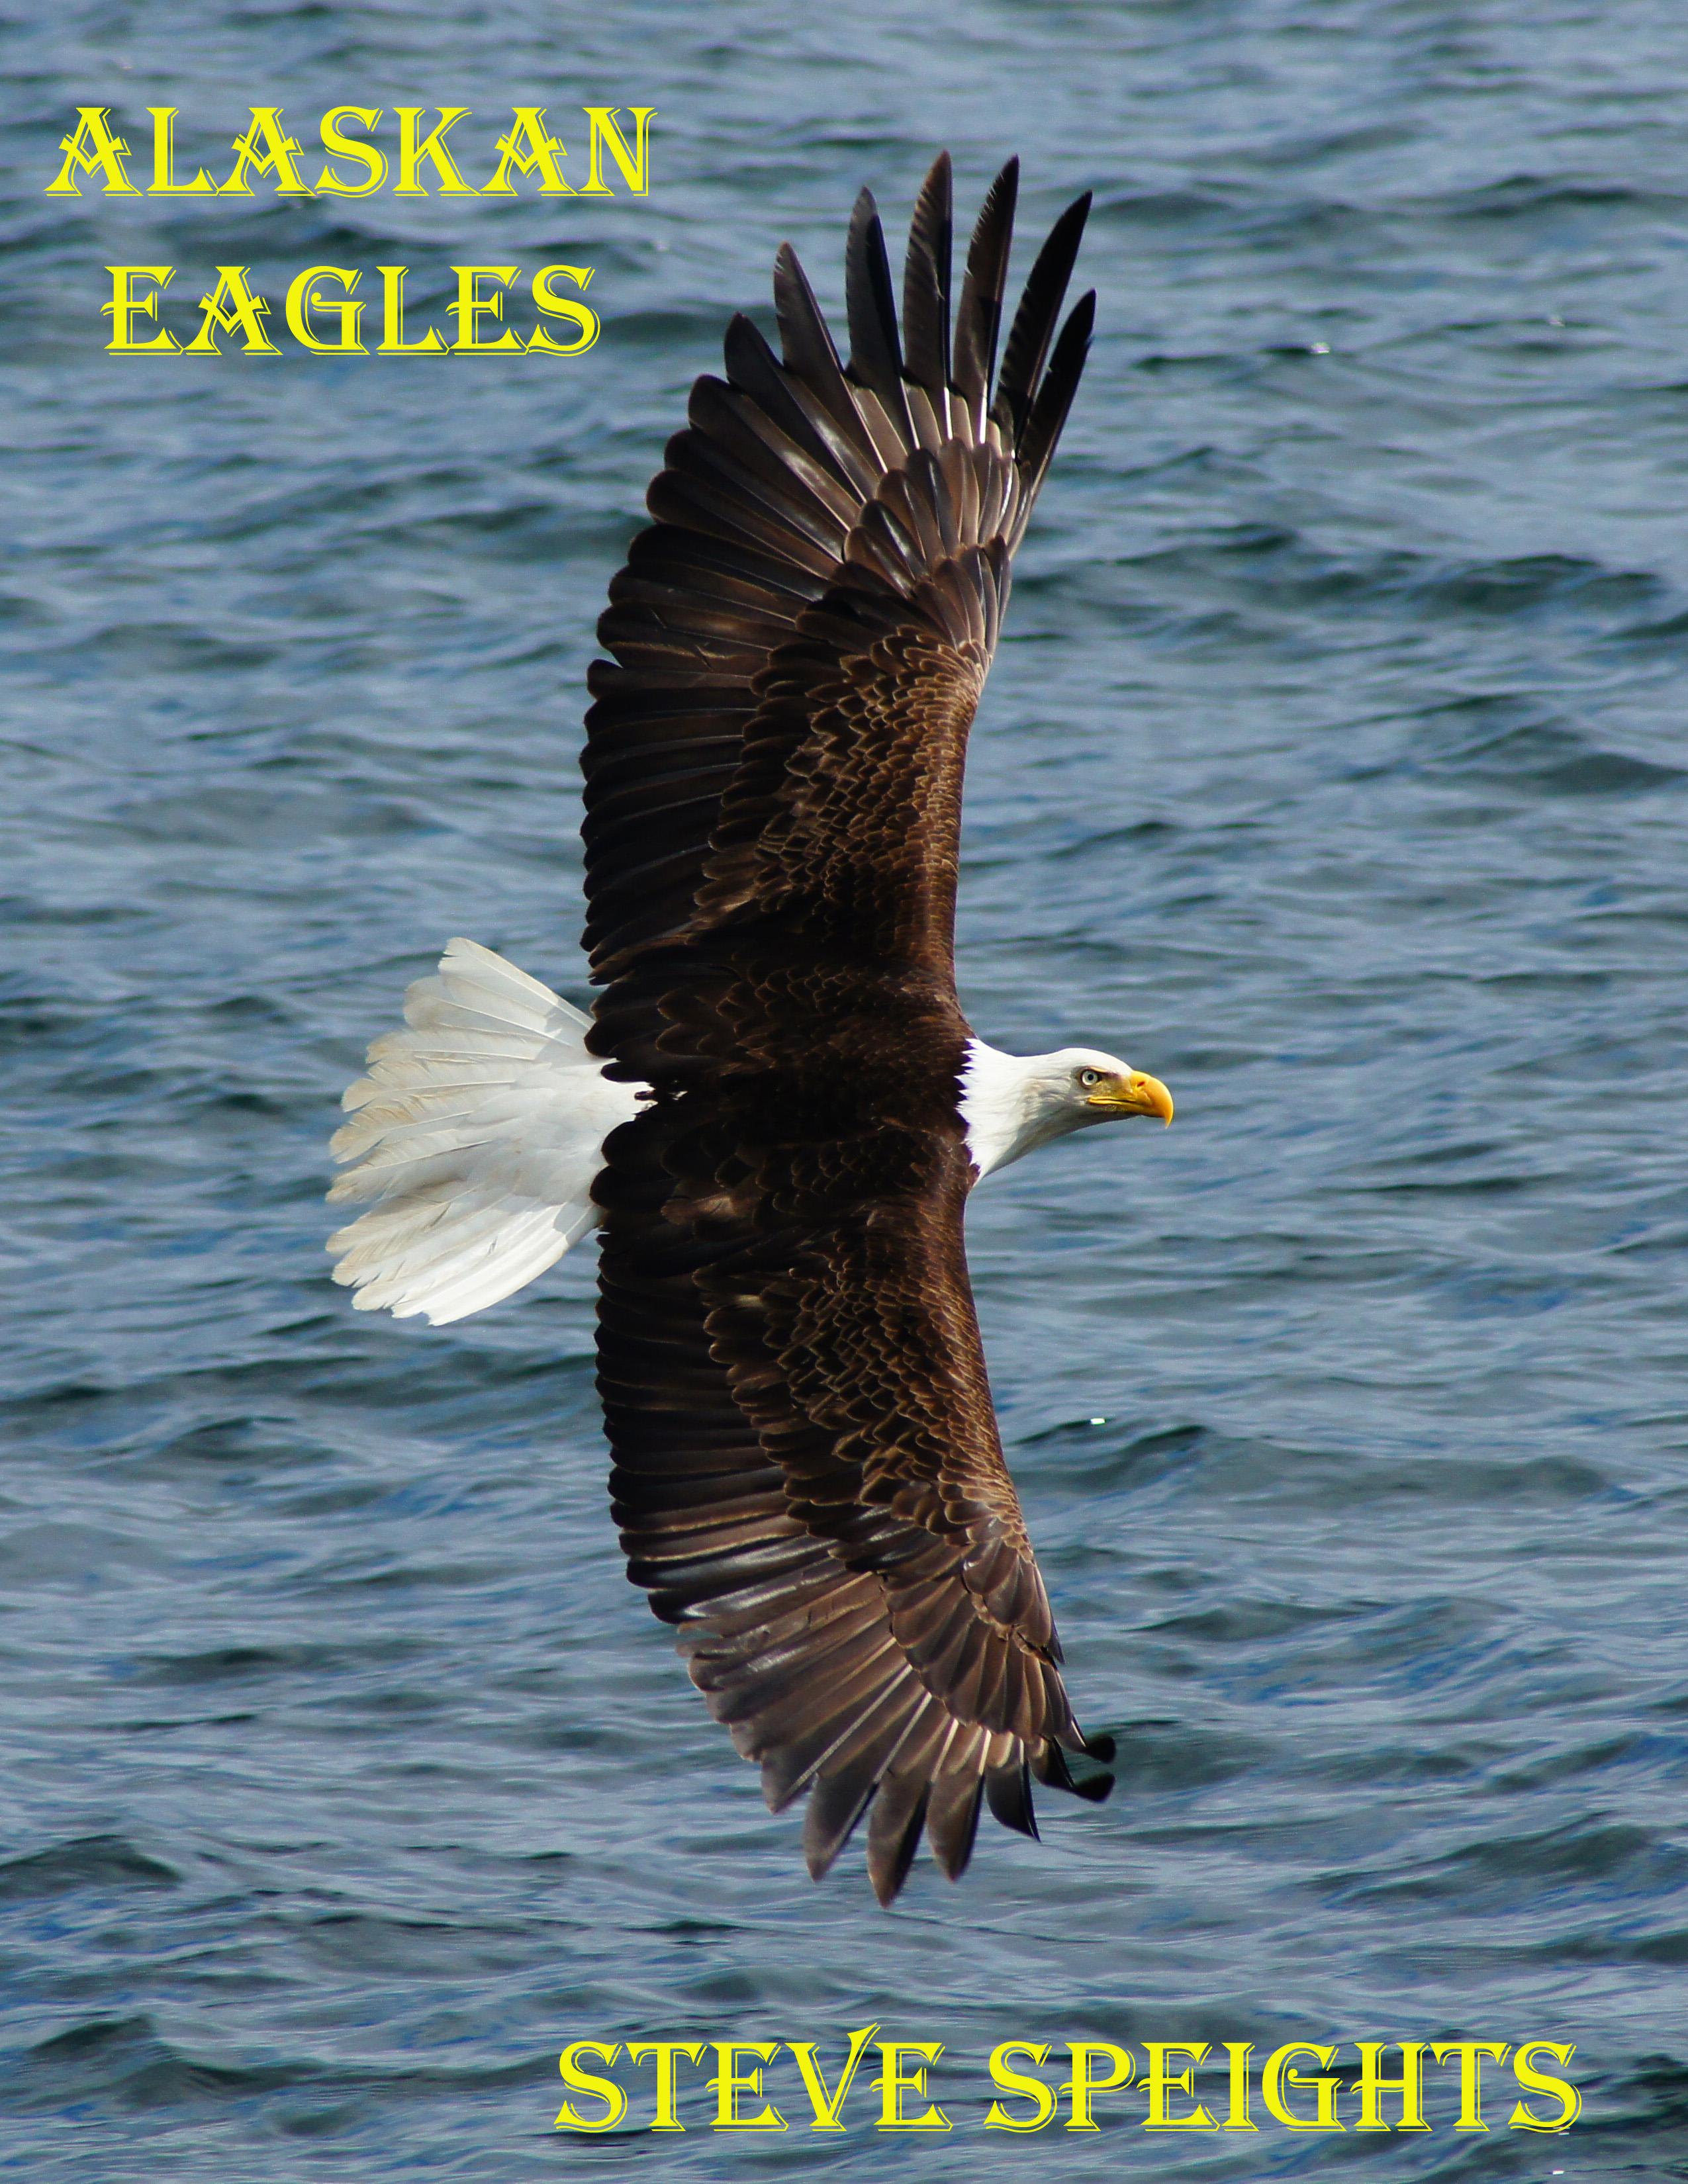 eagle cover